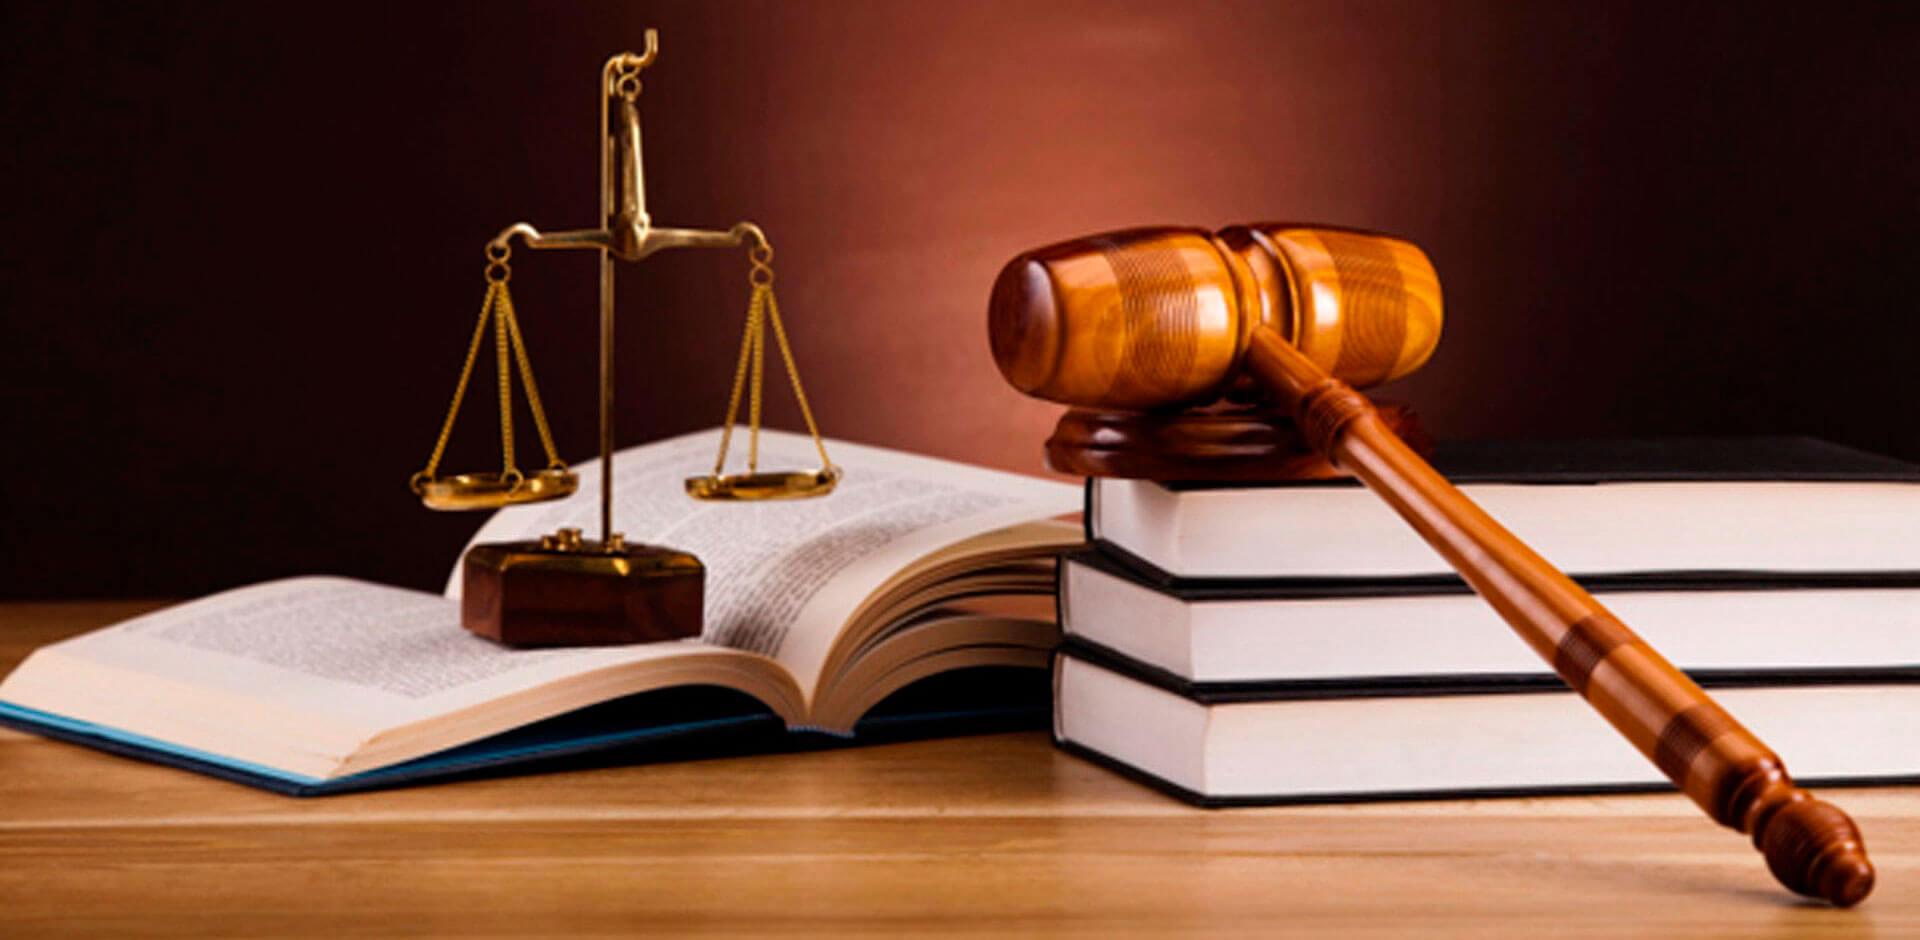 bg-escritorio-mbn-advocacia